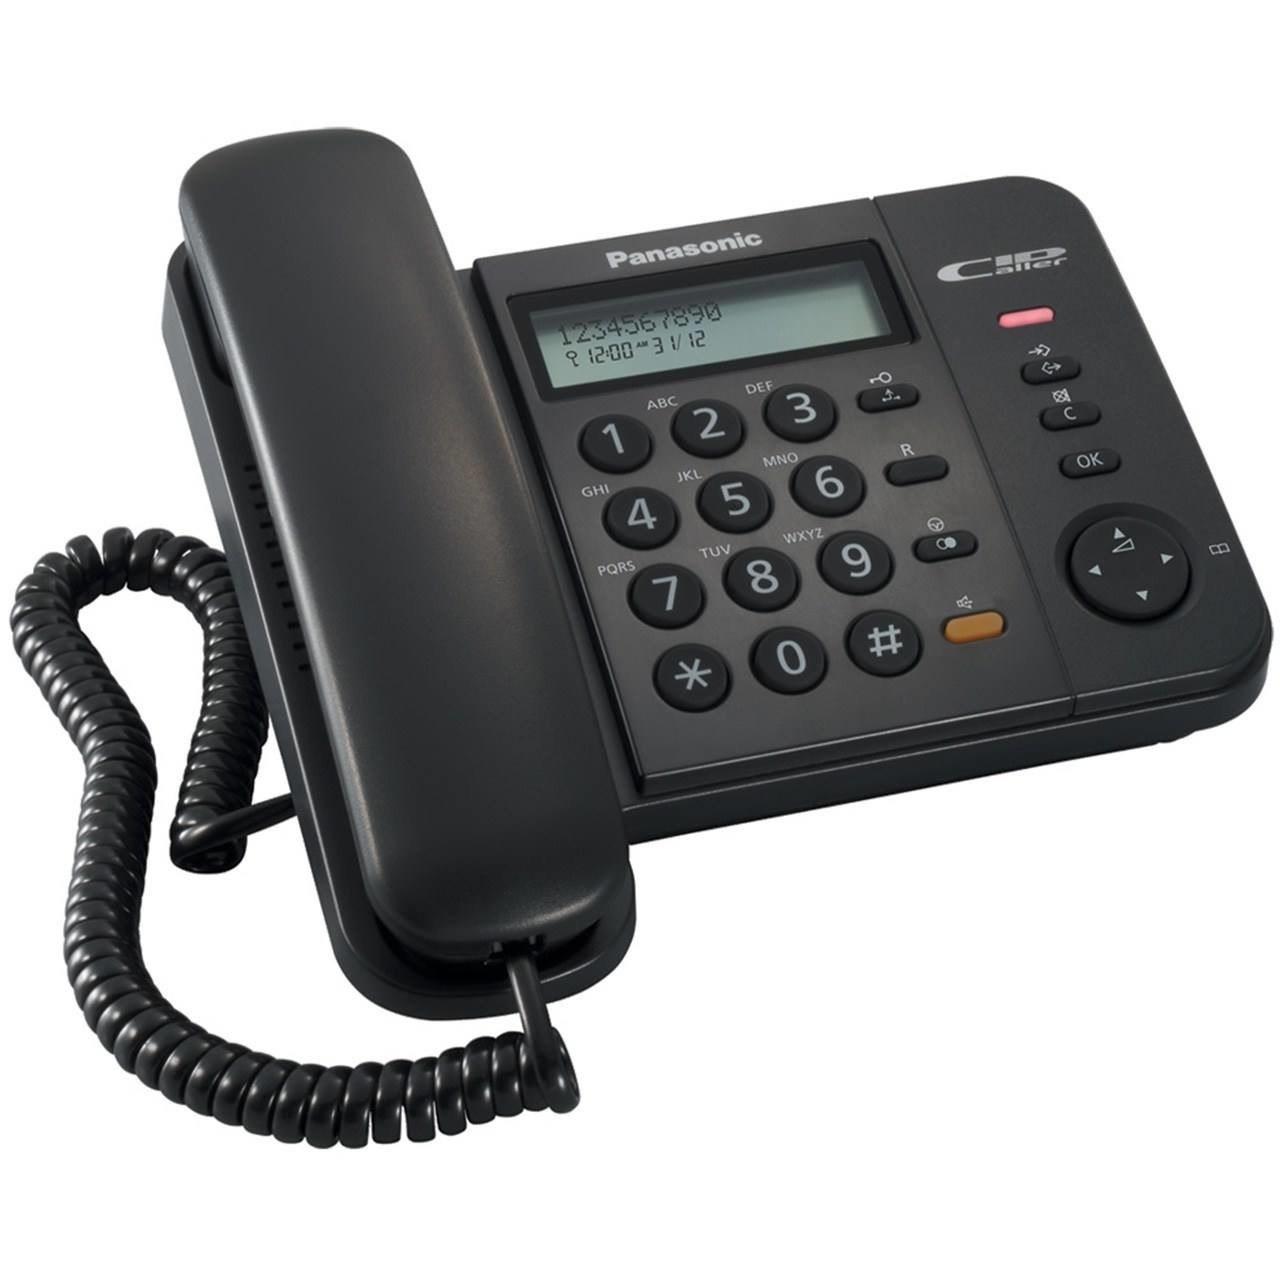 تلفن دیجیتال با سیم پاناسونیک مدل تی اس 580 ام ایکس